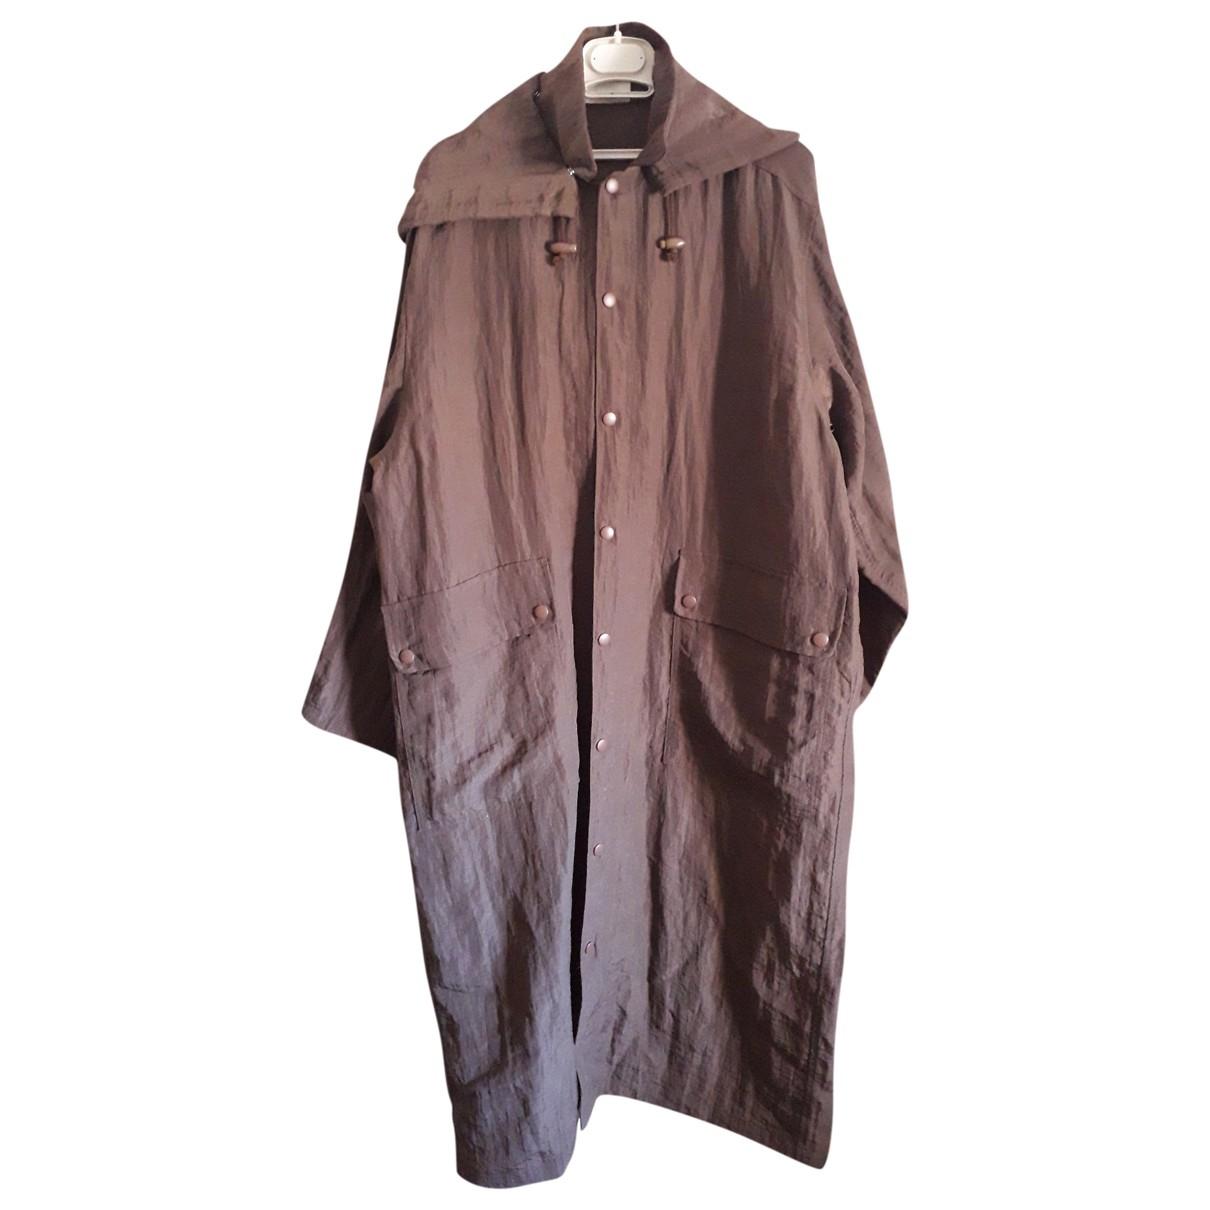 Issey Miyake \N Brown coat  for Men M International